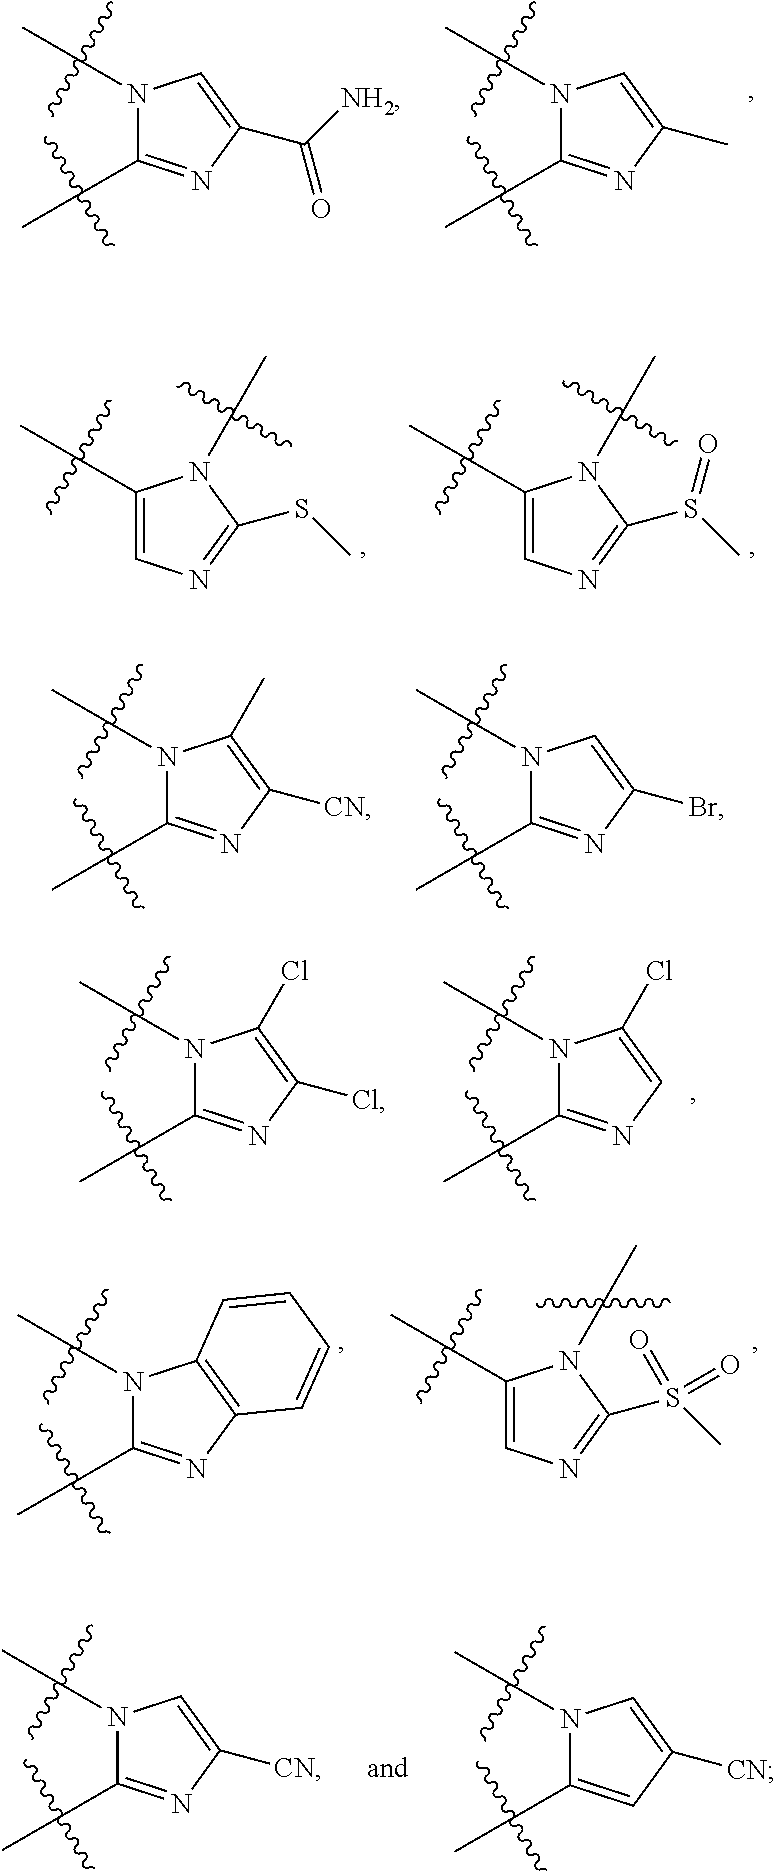 Figure US09303046-20160405-C00024